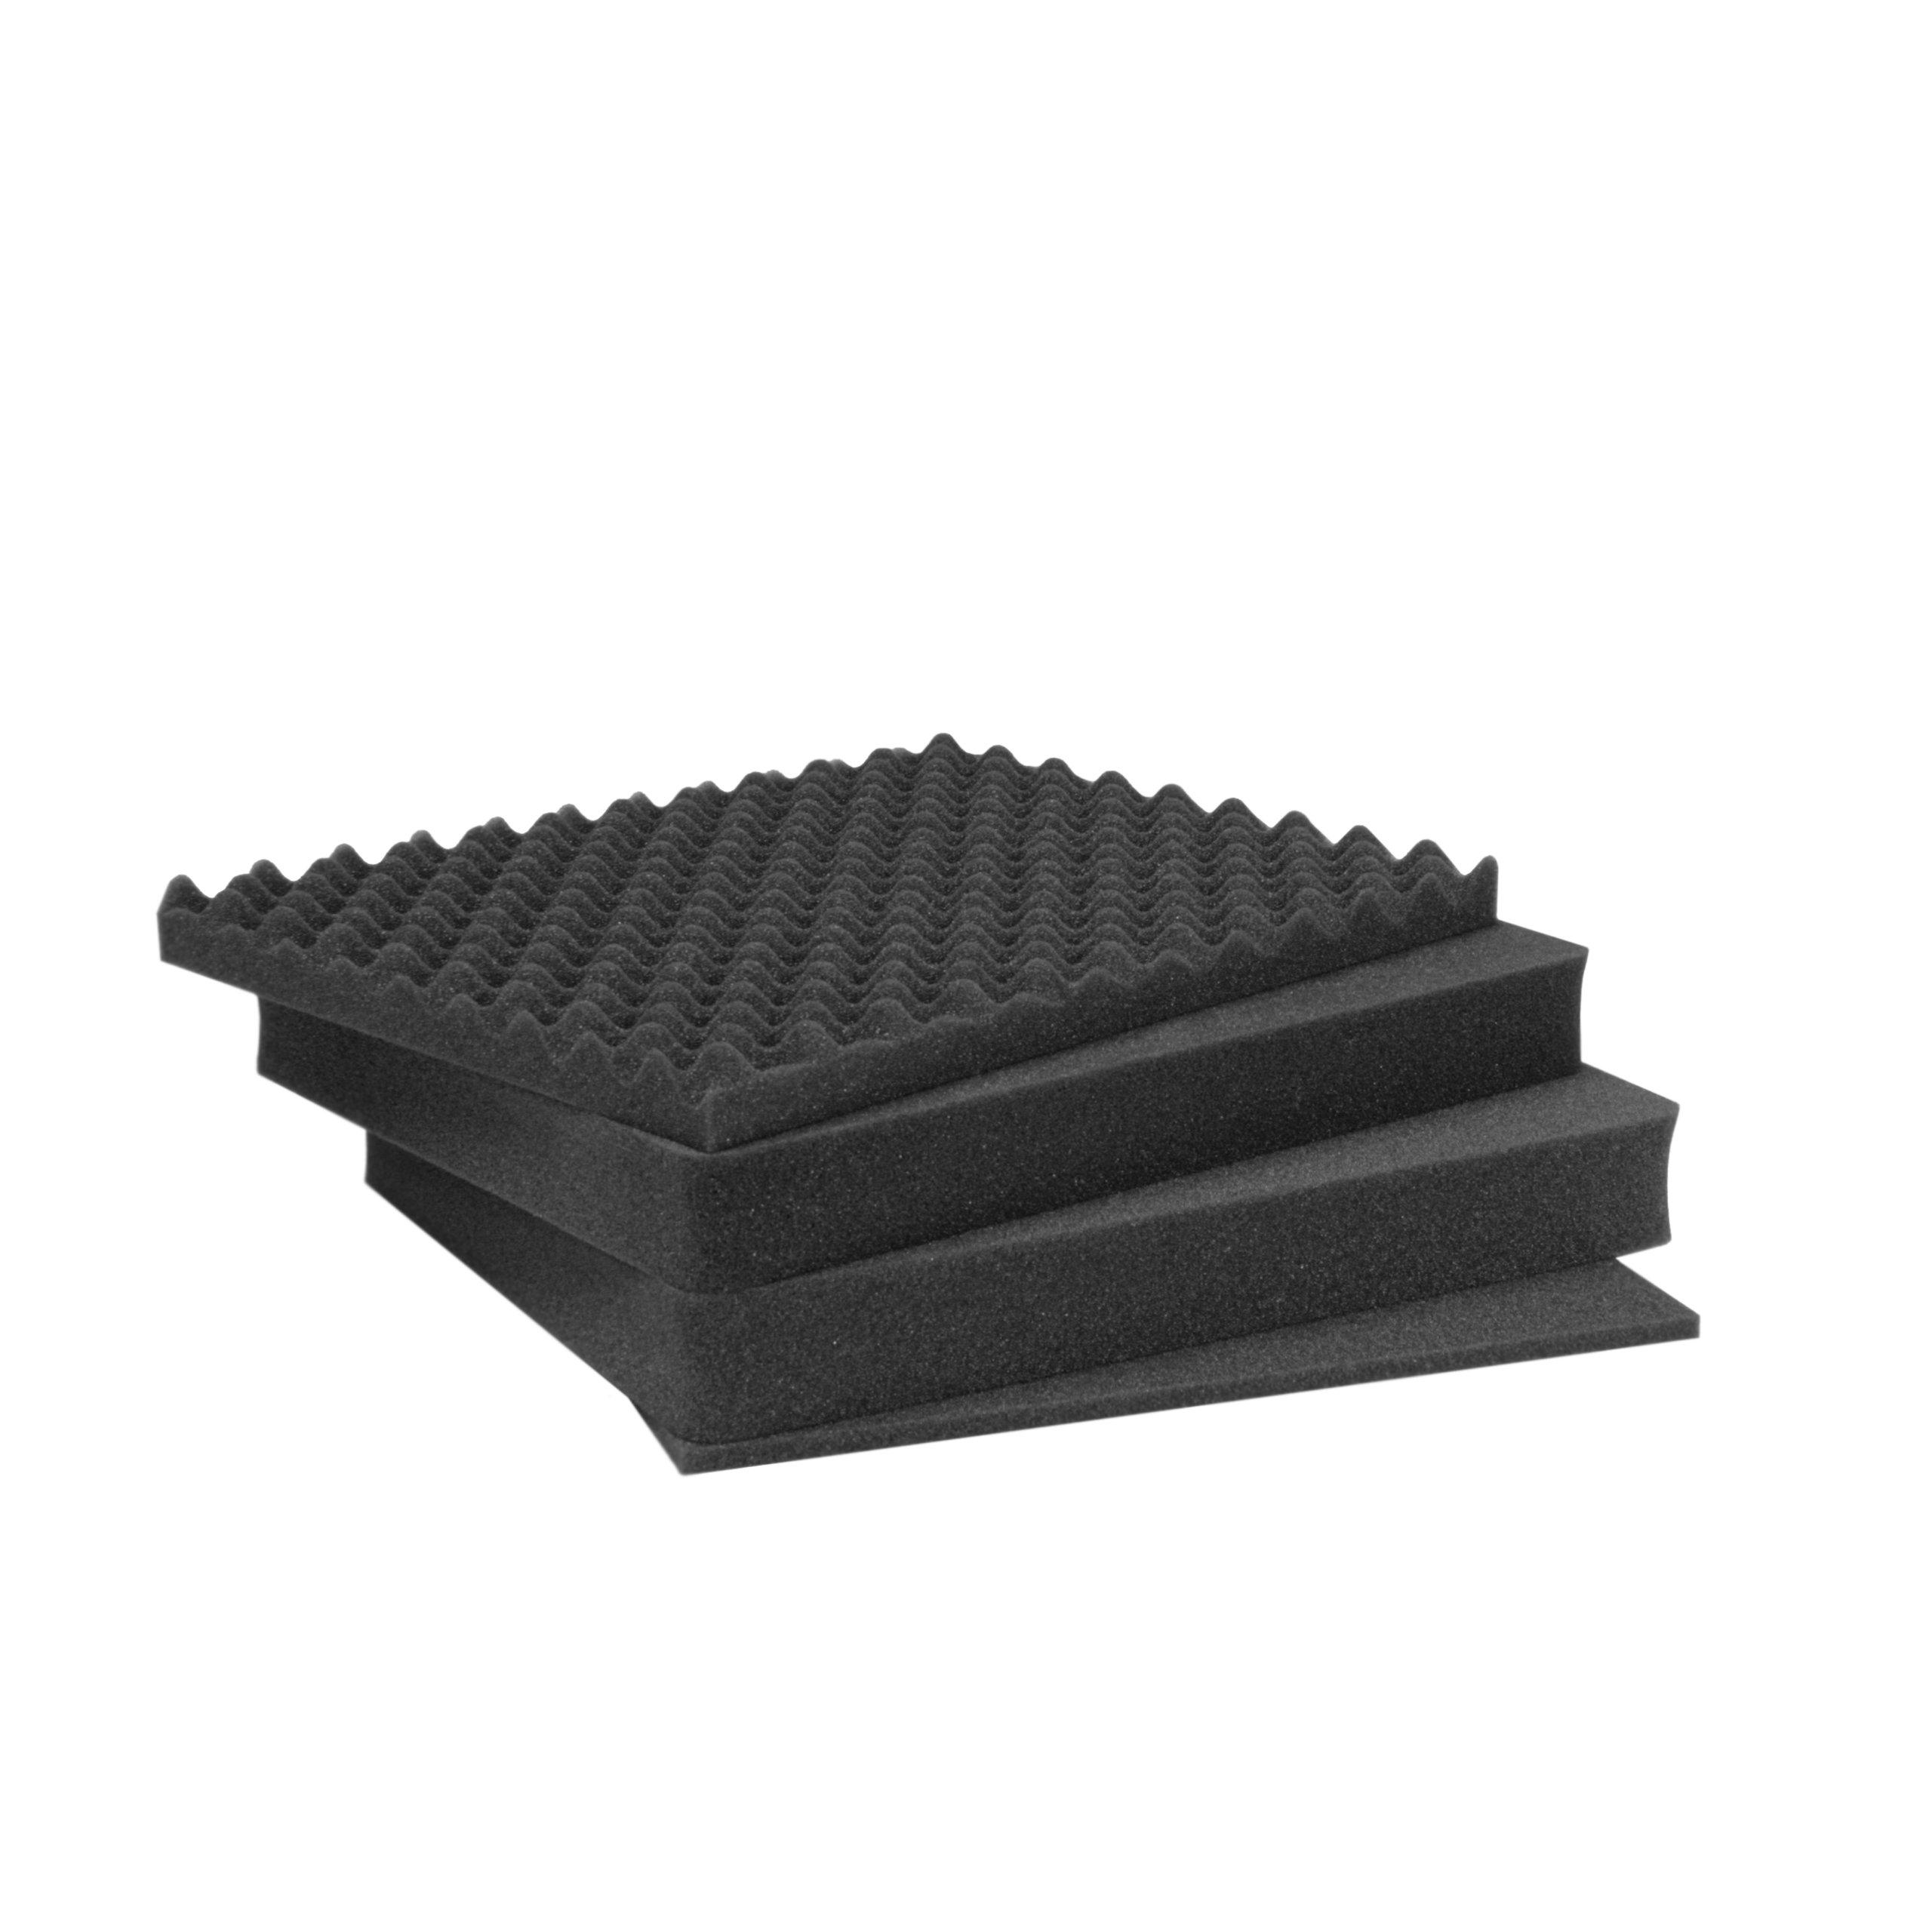 Foam Inserts (3 Part) for 945 Nanuk Case - Made in Canada by Nanuk